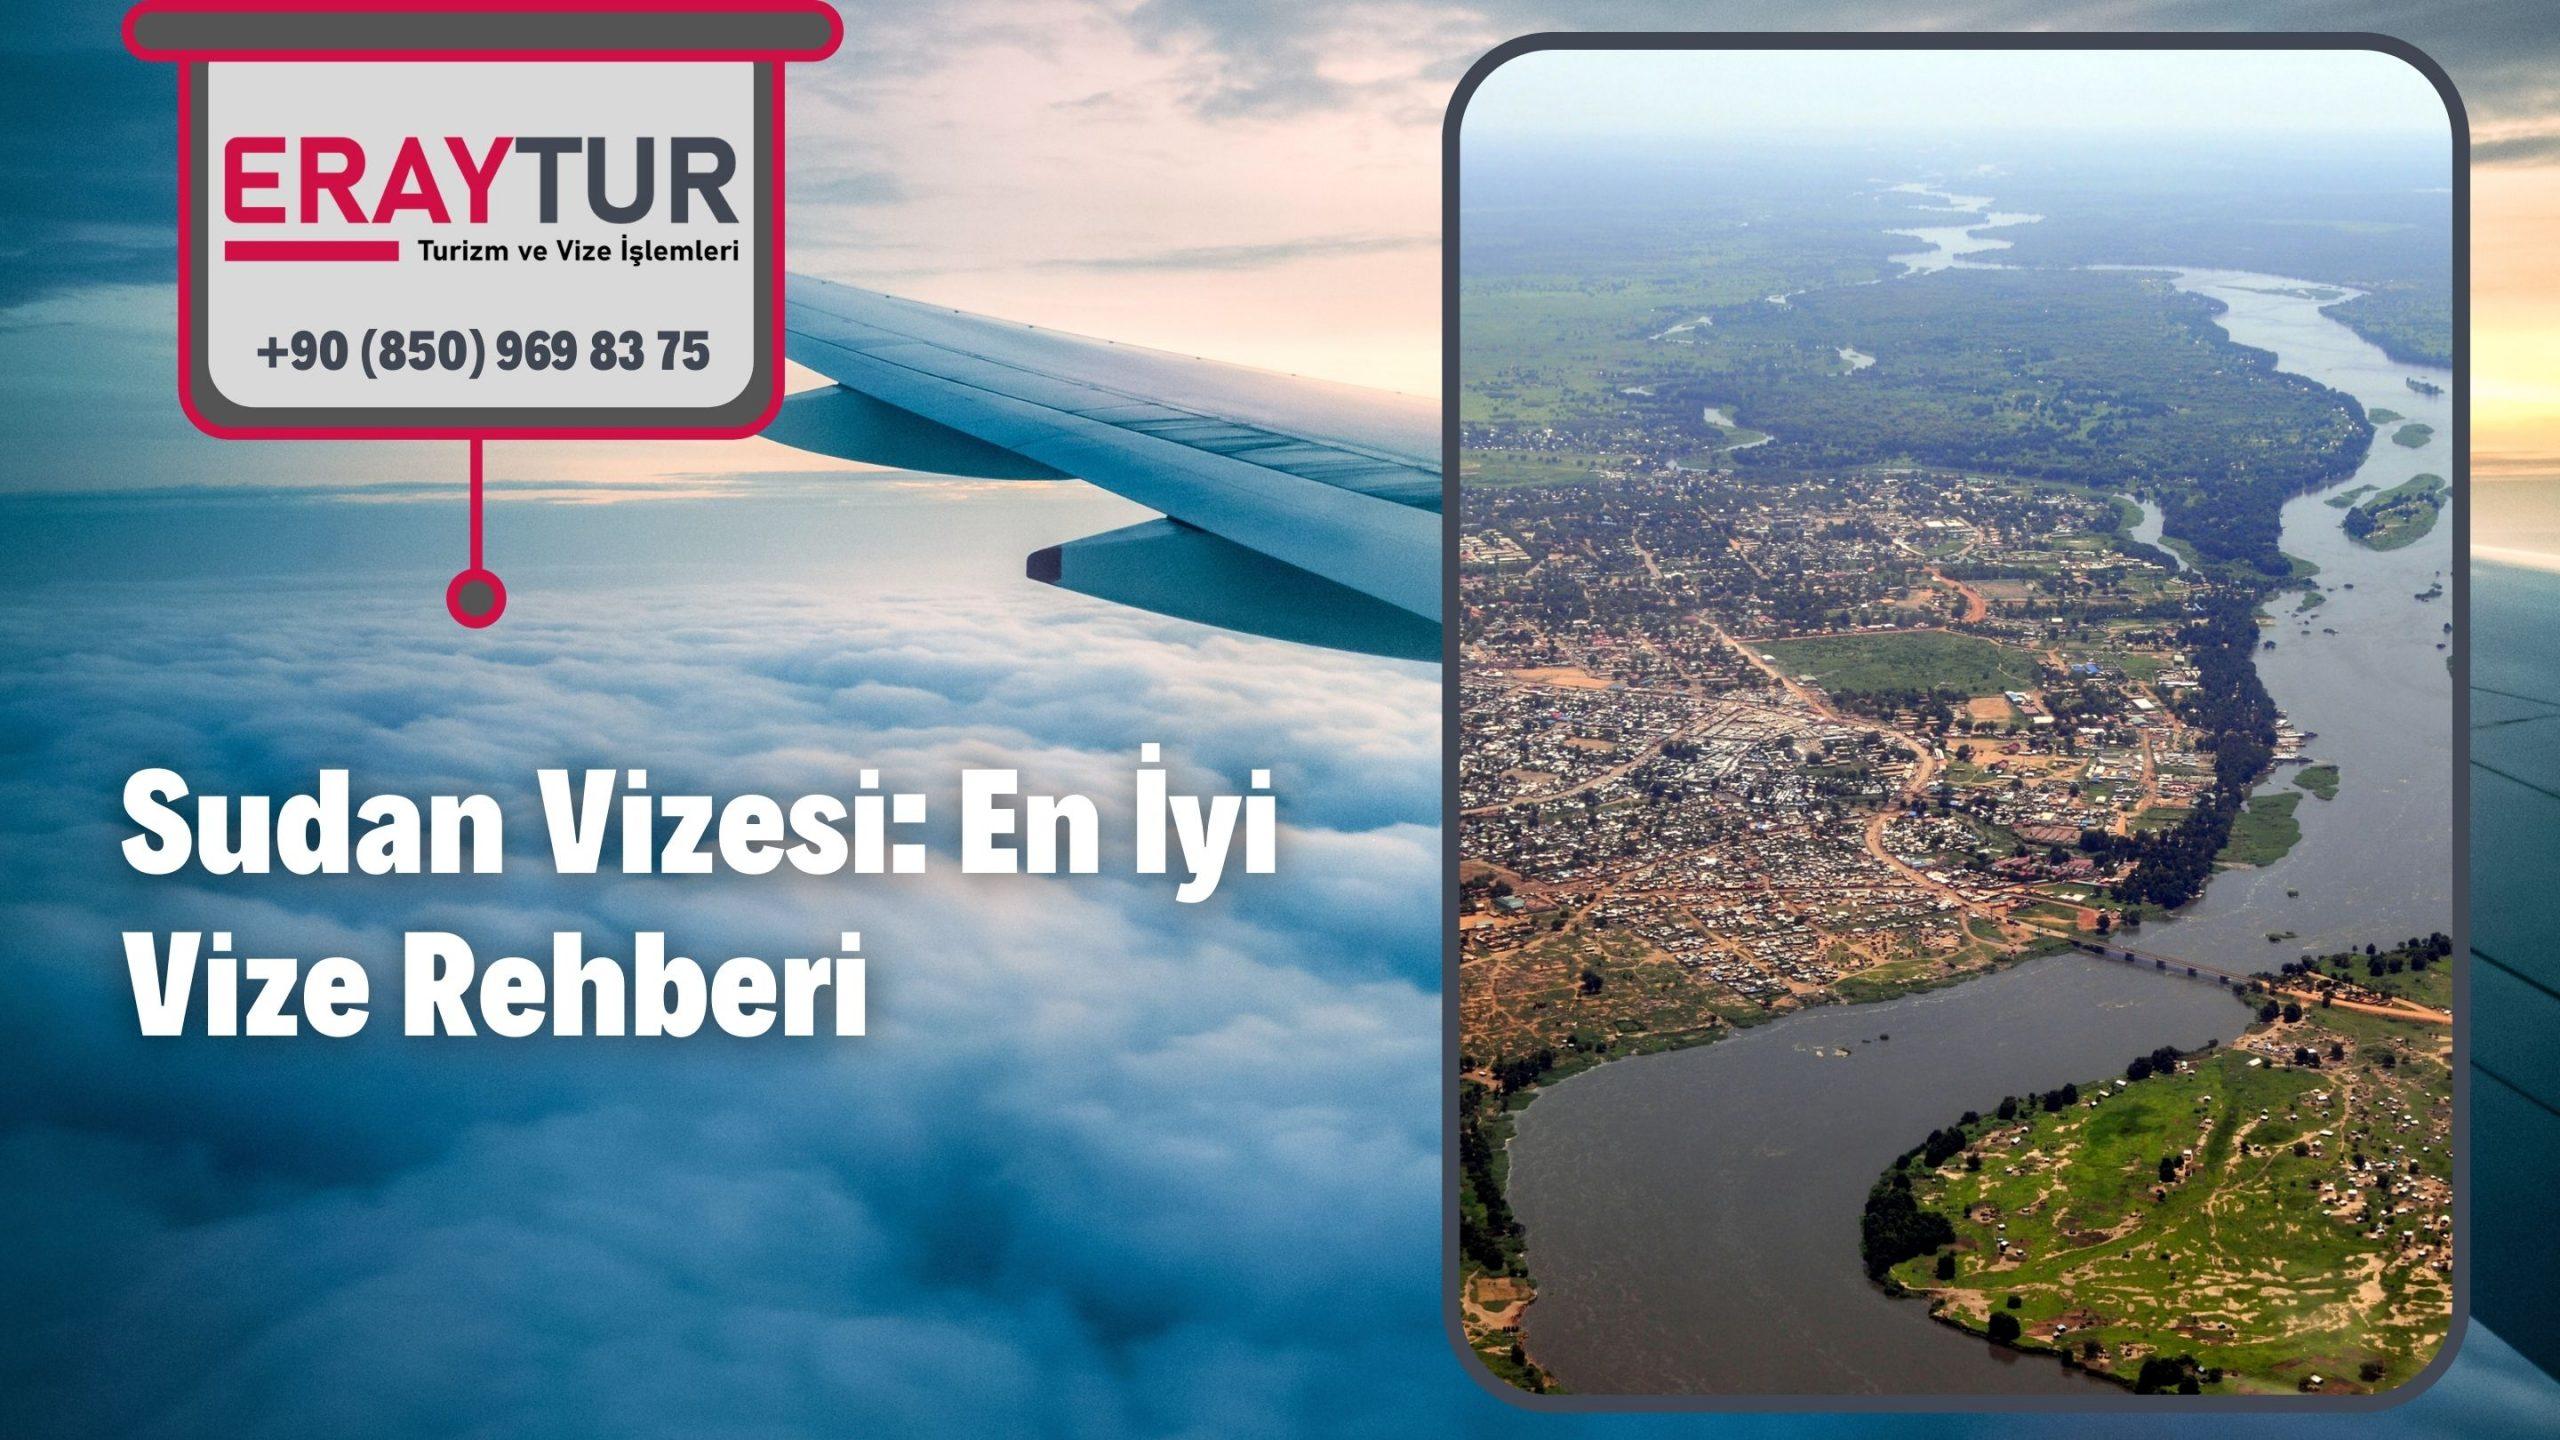 Sudan Vizesi: En İyi Vize Rehberi 2021